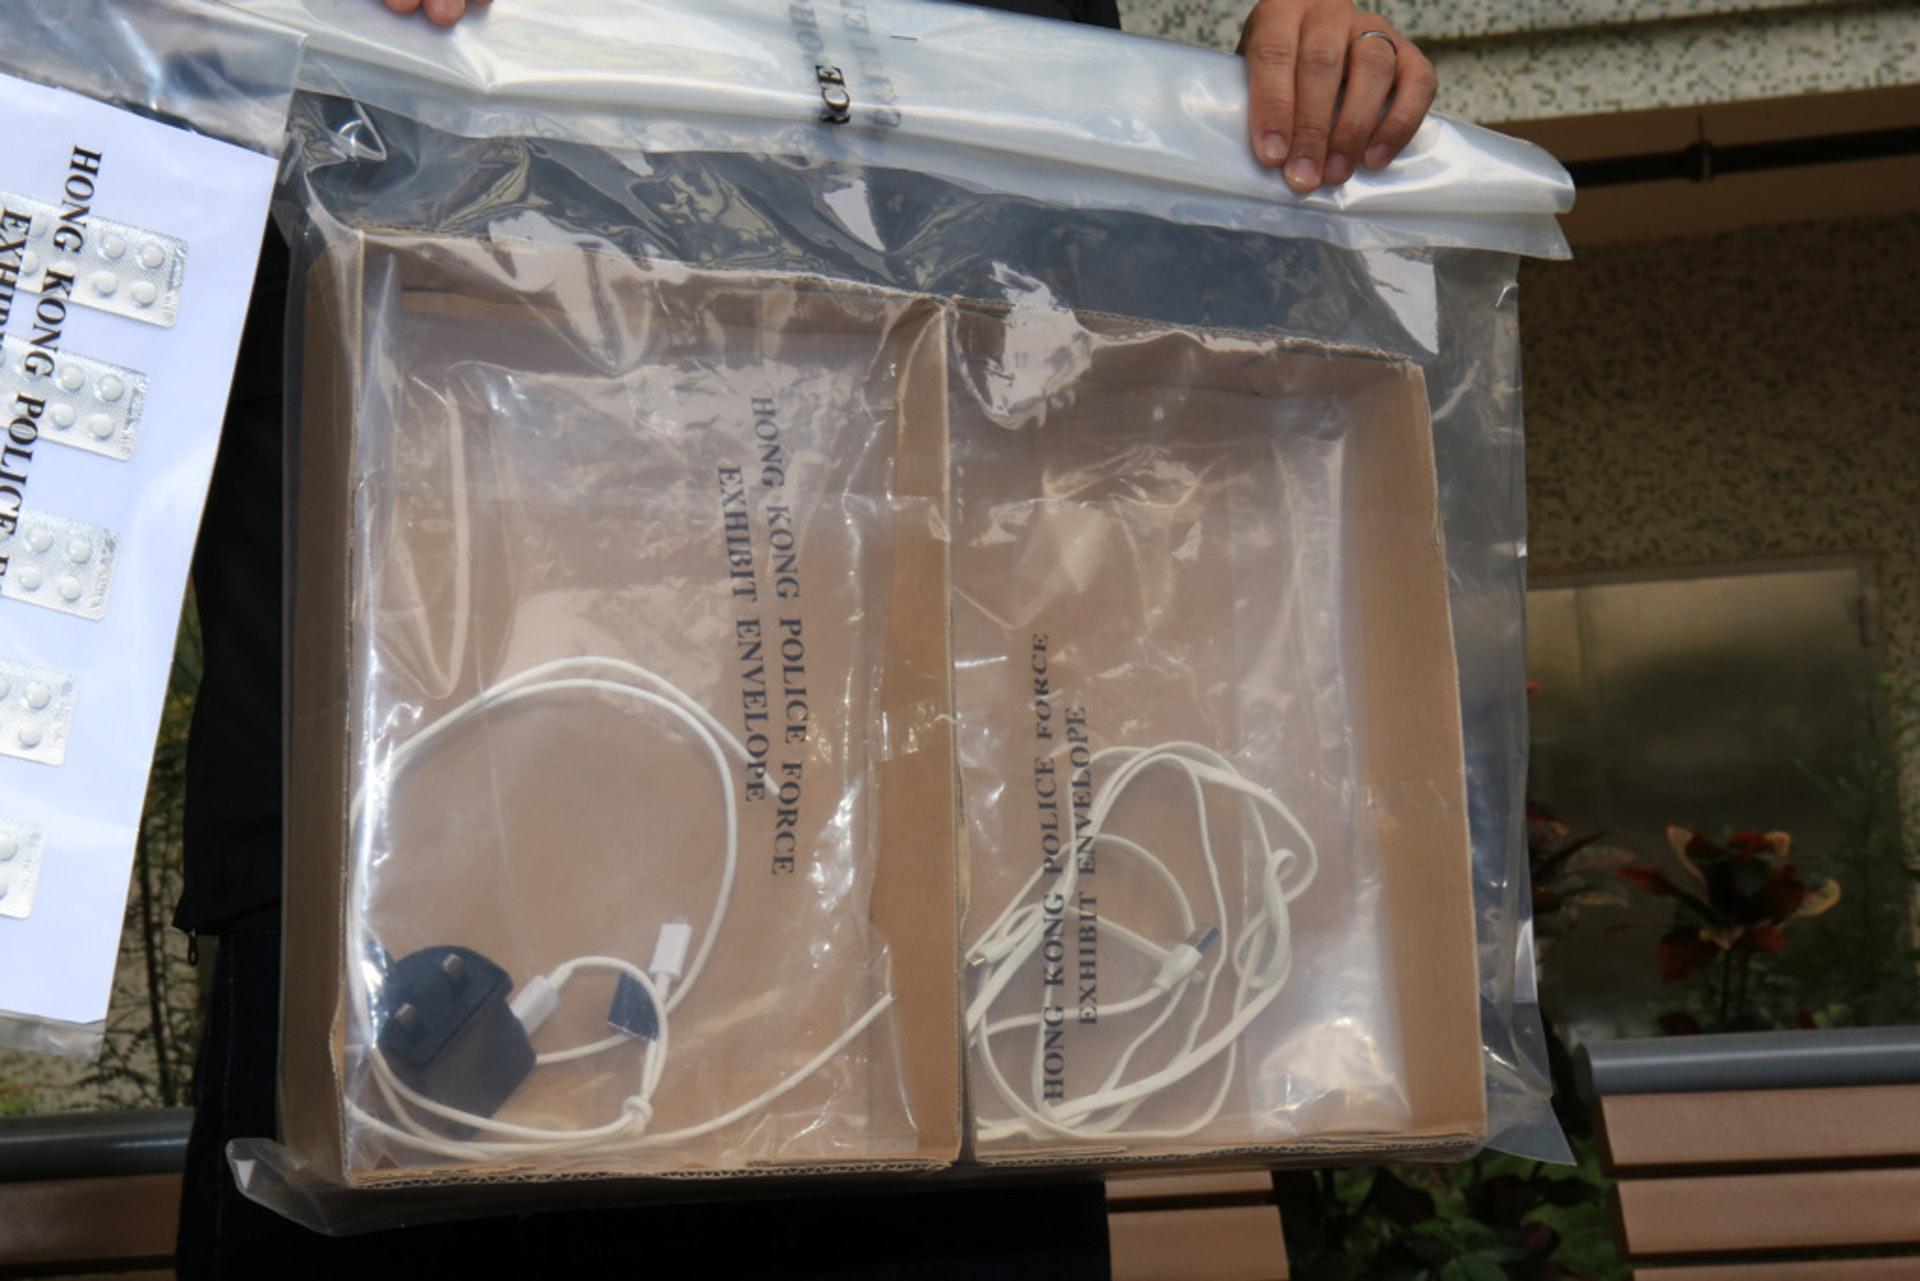 警方在單位內發現疑被告趙麗霞用以勒斃其子的USB電線。(資料圖片)